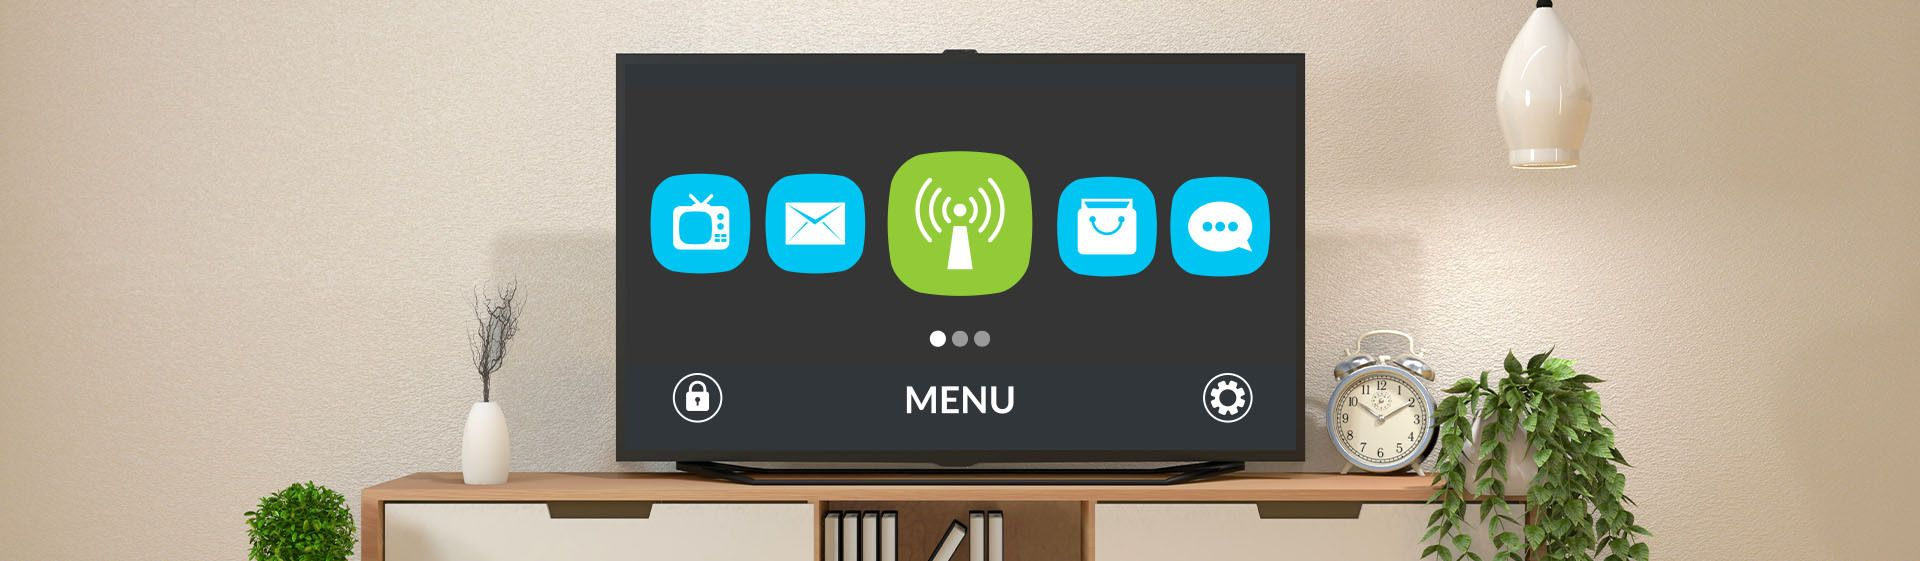 TVs com WiFi: ideais para navegar na internet em grandes telas